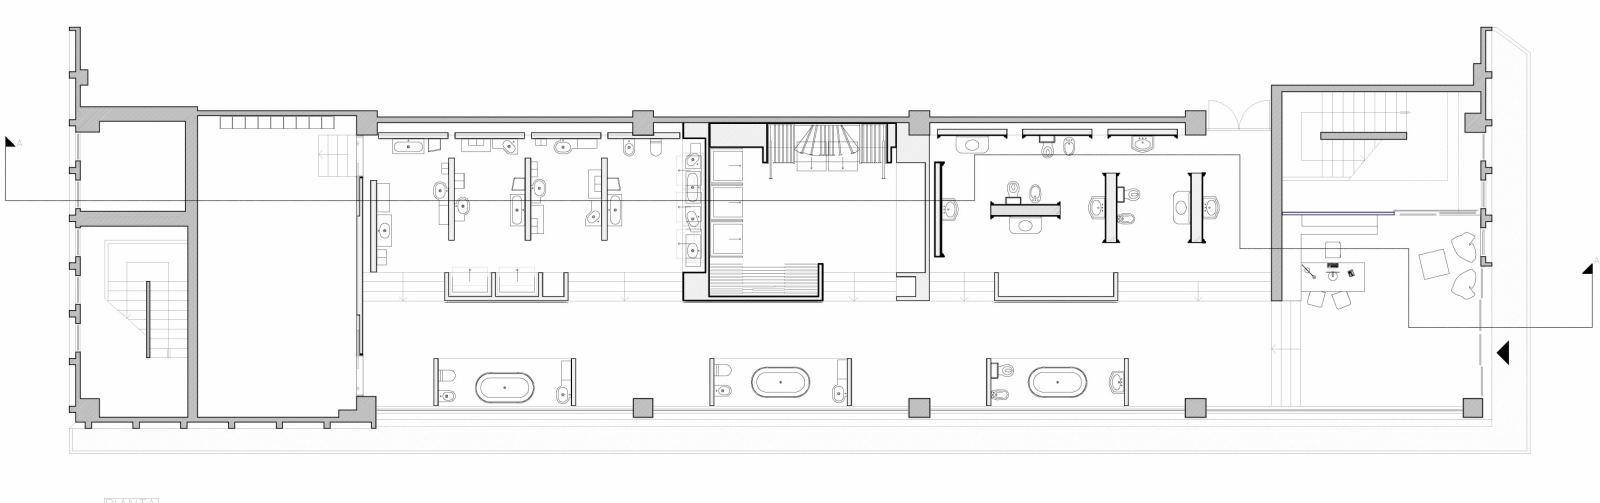 Dex Showroom By Studio 63 Architecture Design Karmatrendz